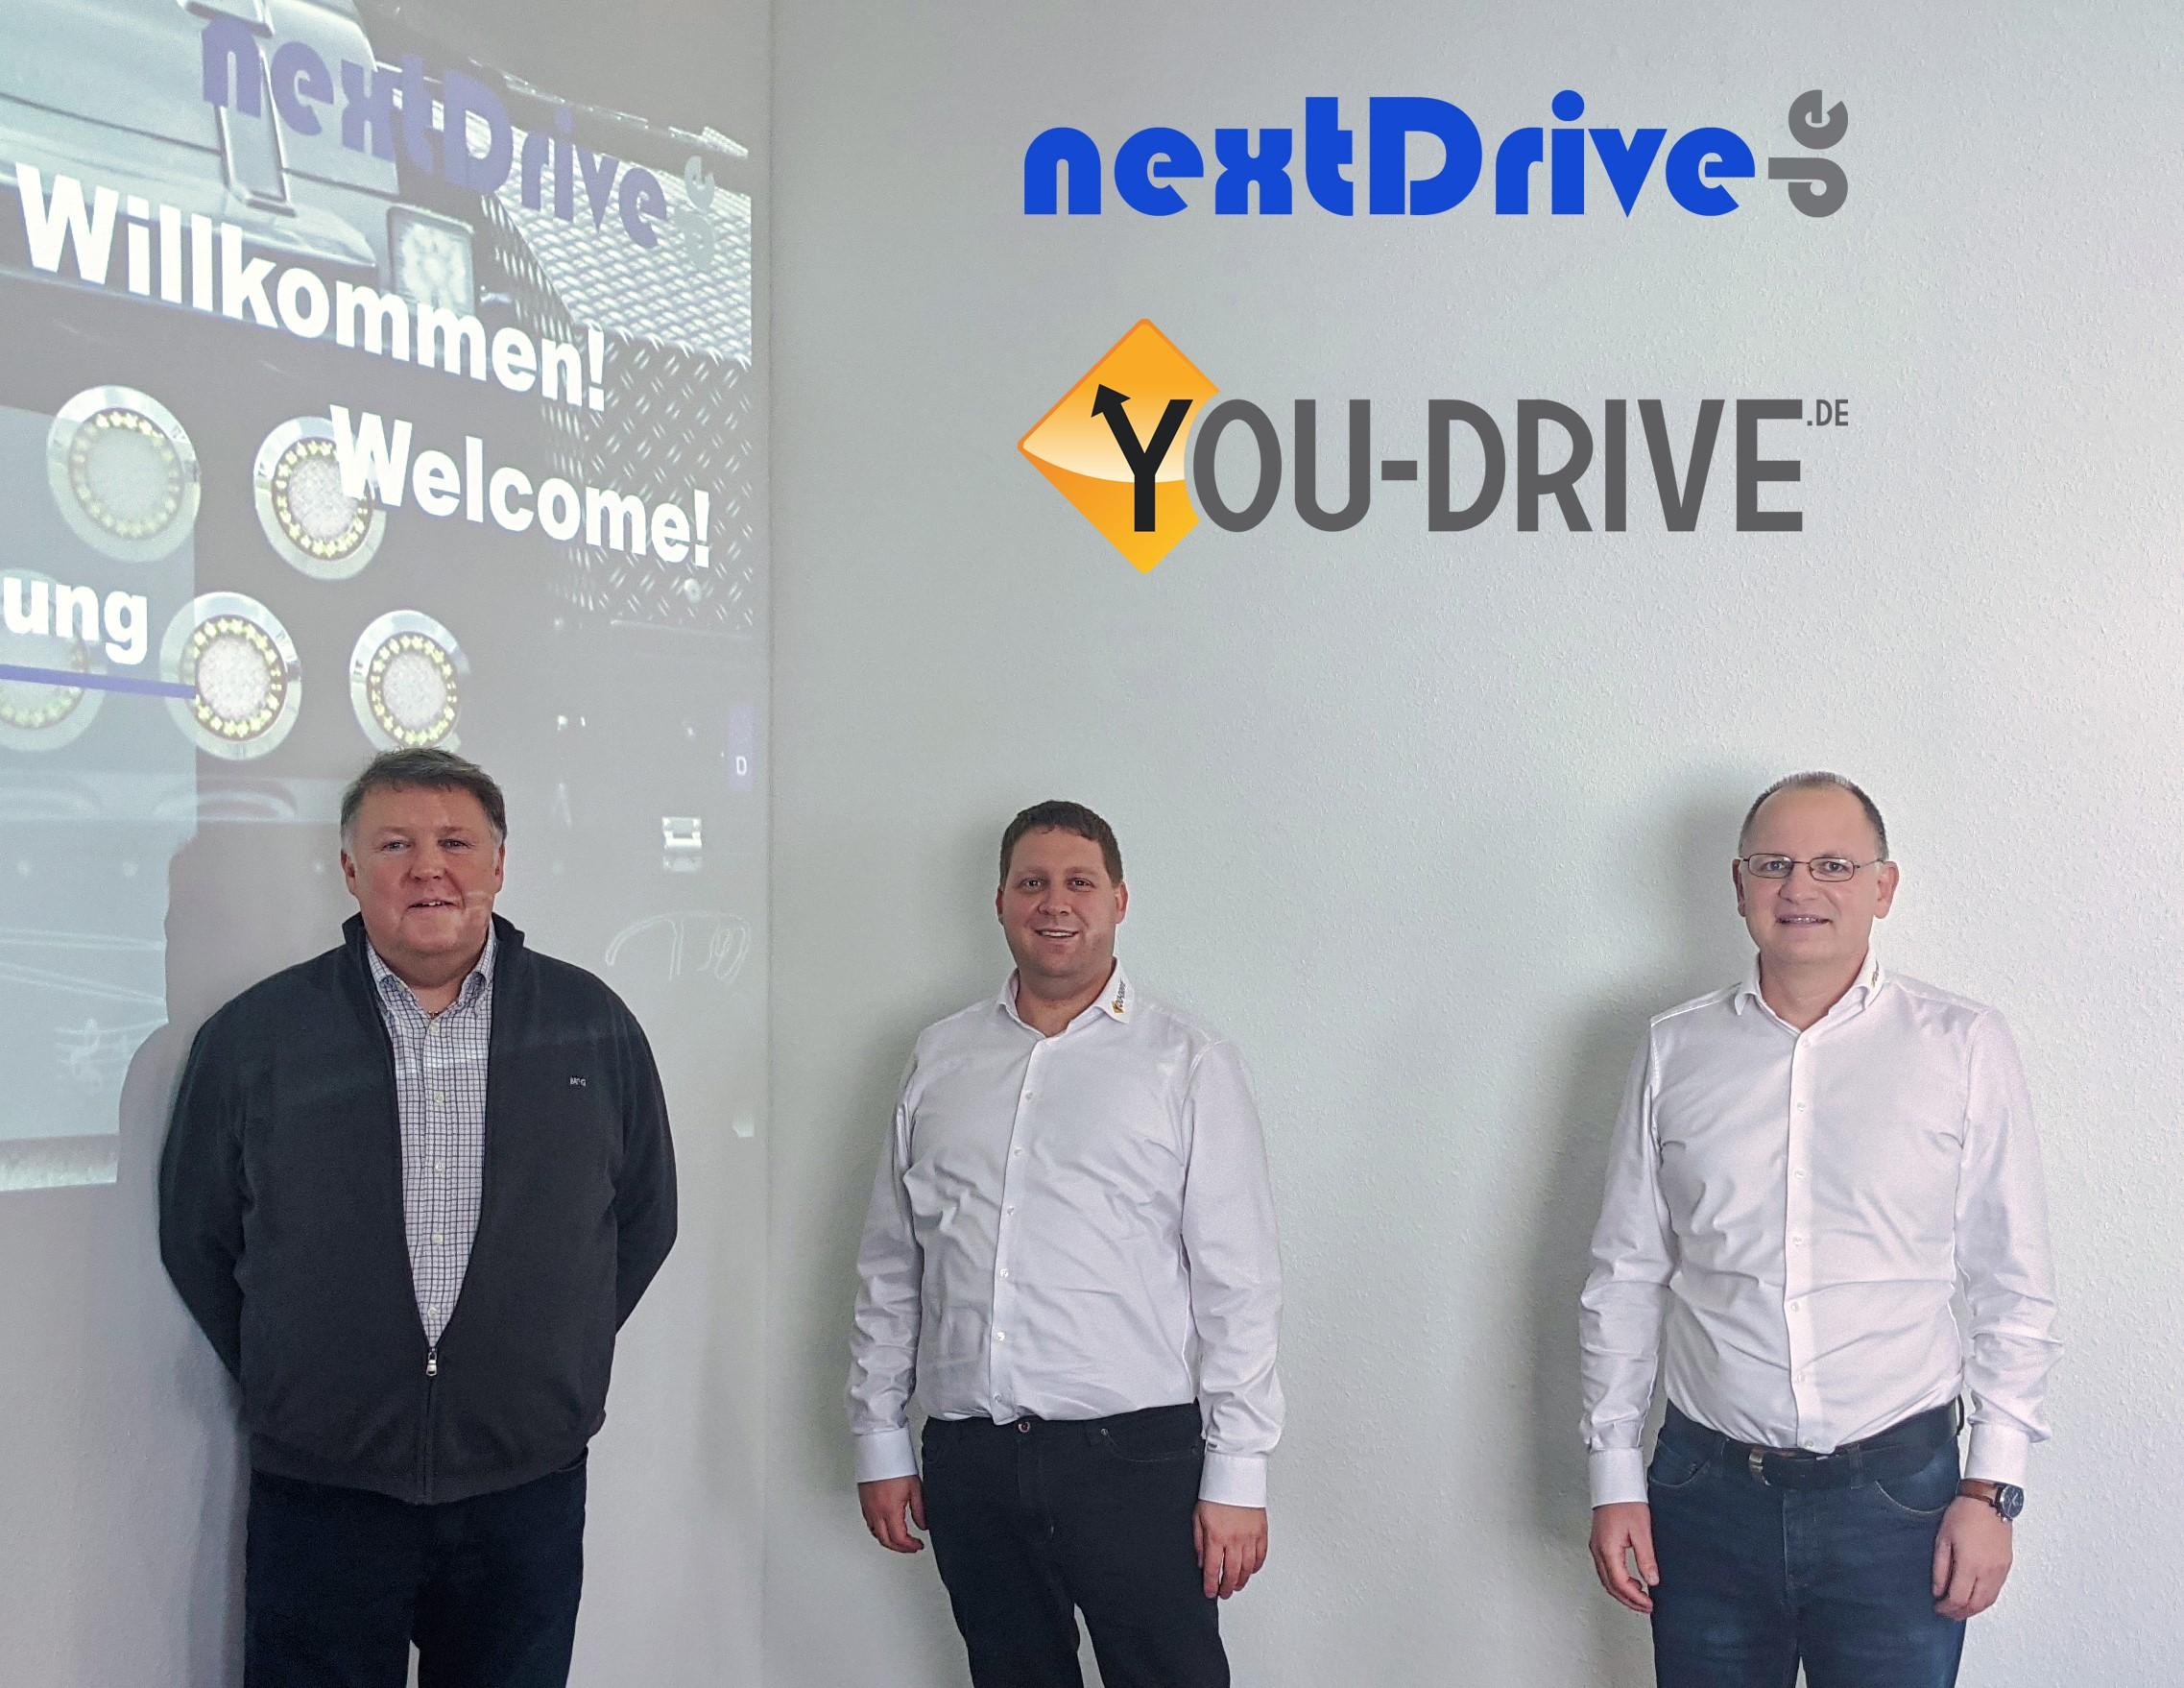 v.L. Achim Daniels, nextDrive.de, Bernhard Rauleder & Heiko Huber, beide YOU-DRIVE GmbH